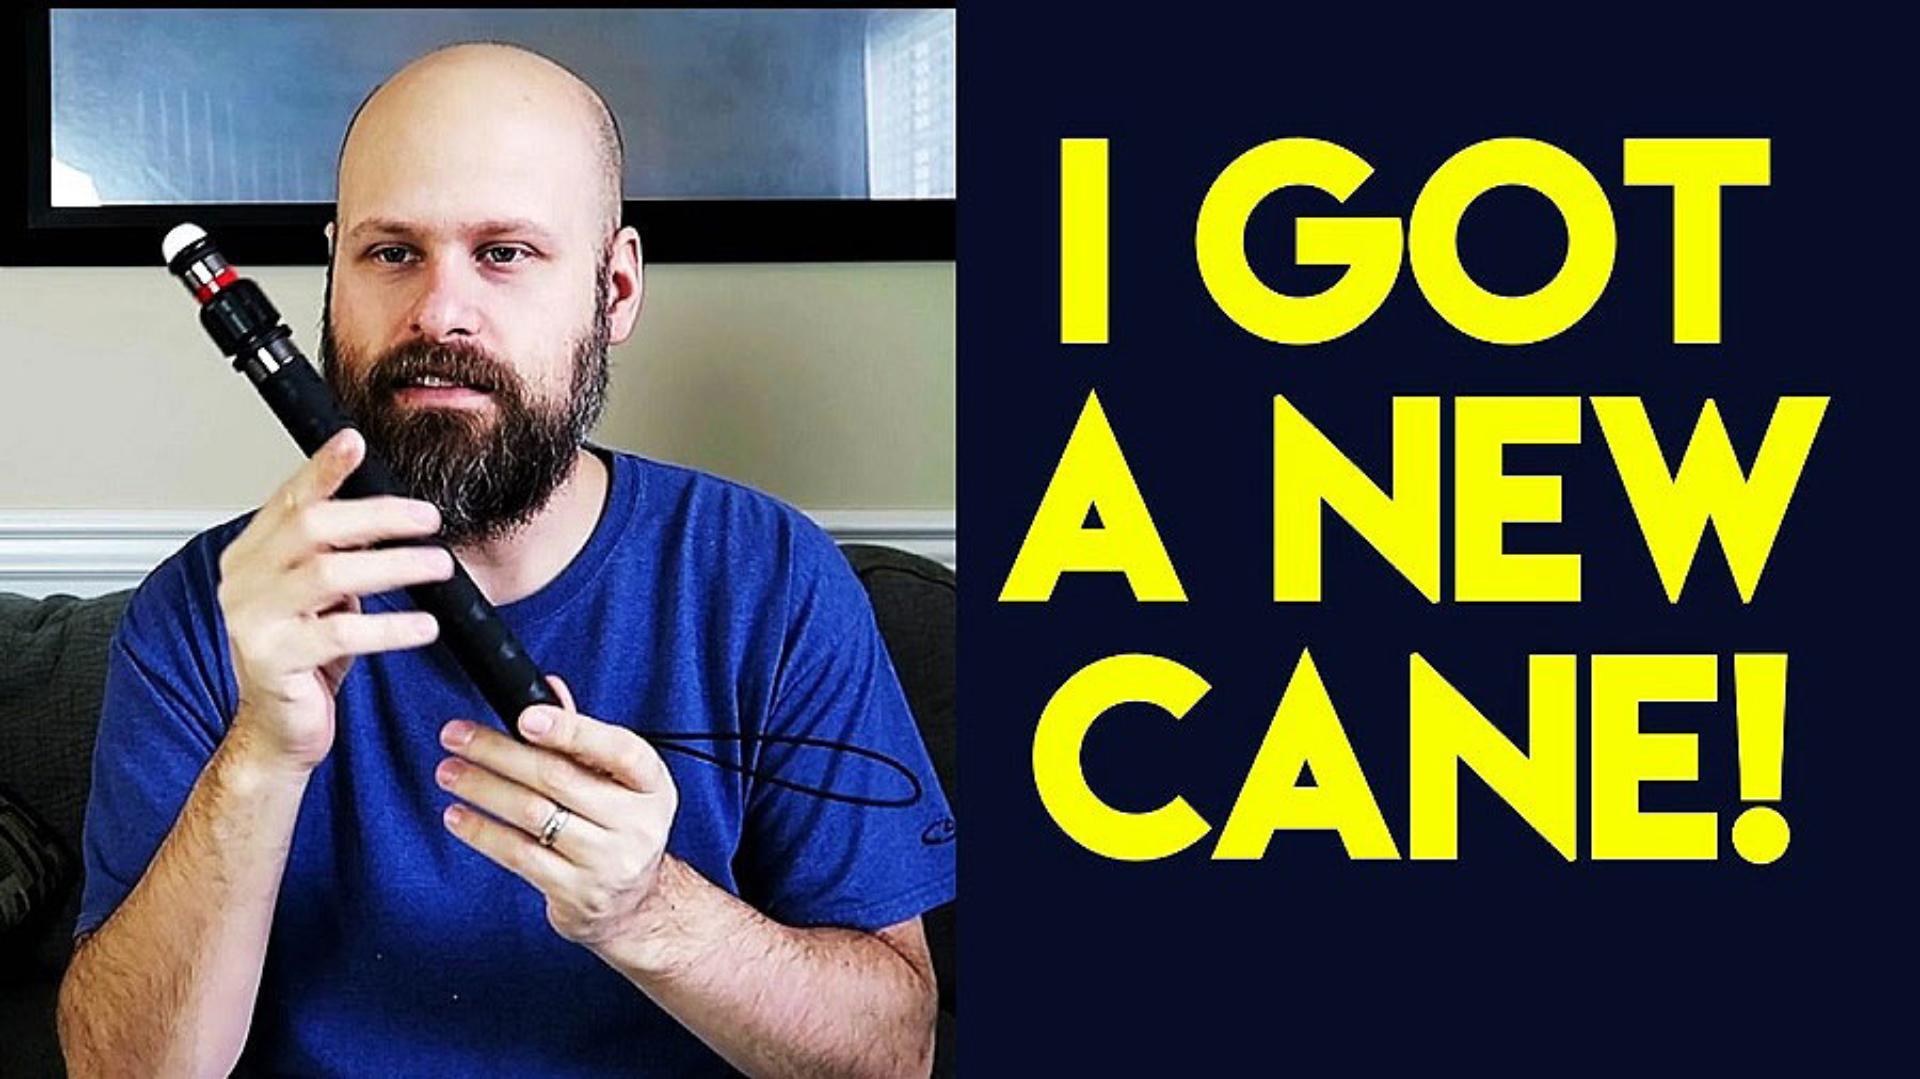 Sam Seavey reviews a new mobility cane